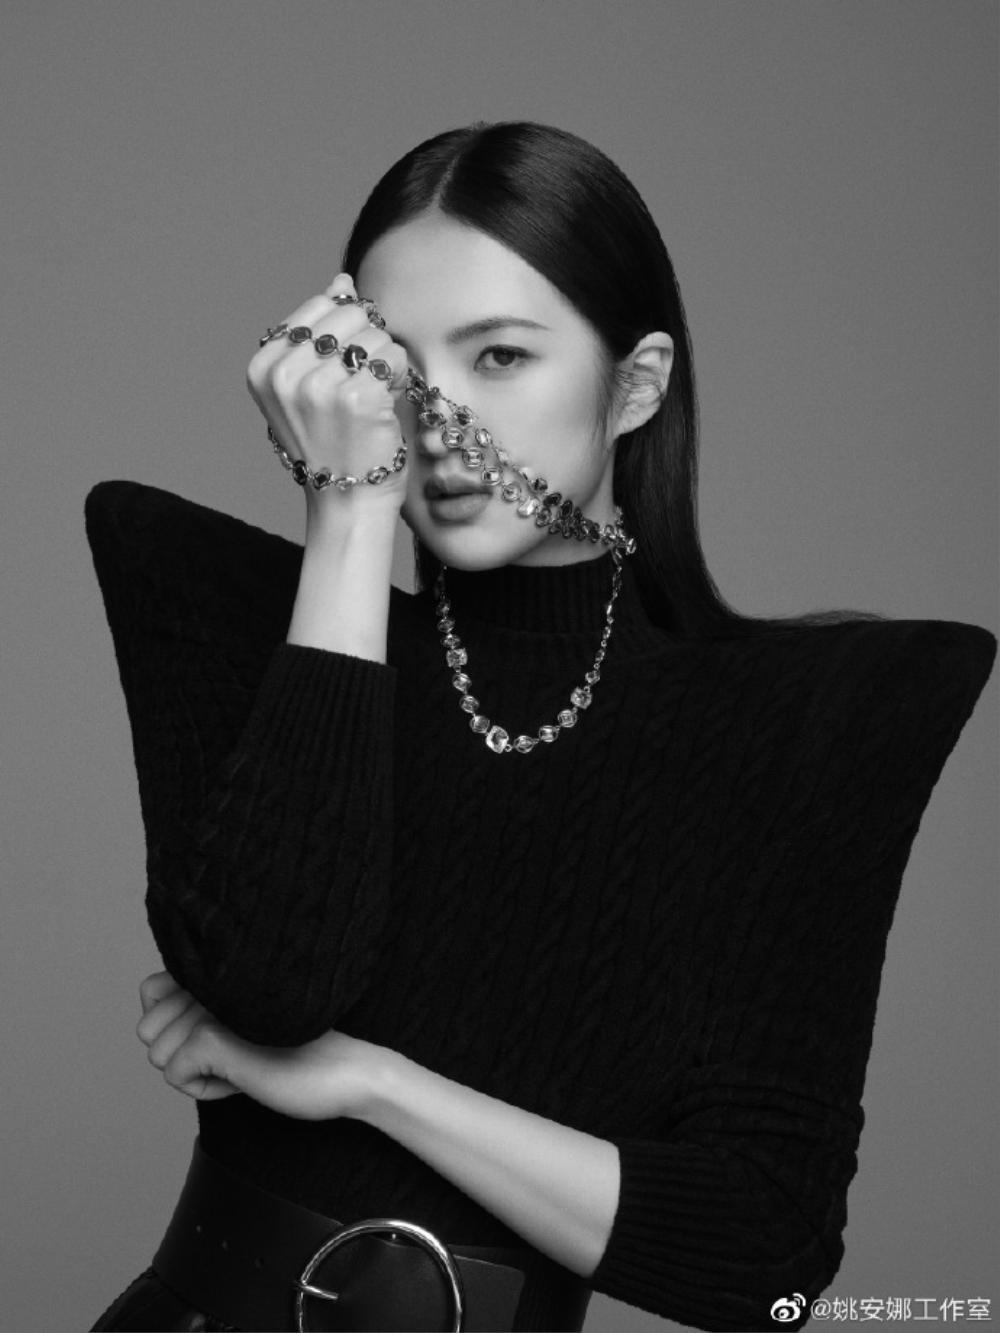 Con gái của tập đoàn Huawei gia nhập vào công ty giải trí của Trần Phi Vũ Ảnh 8